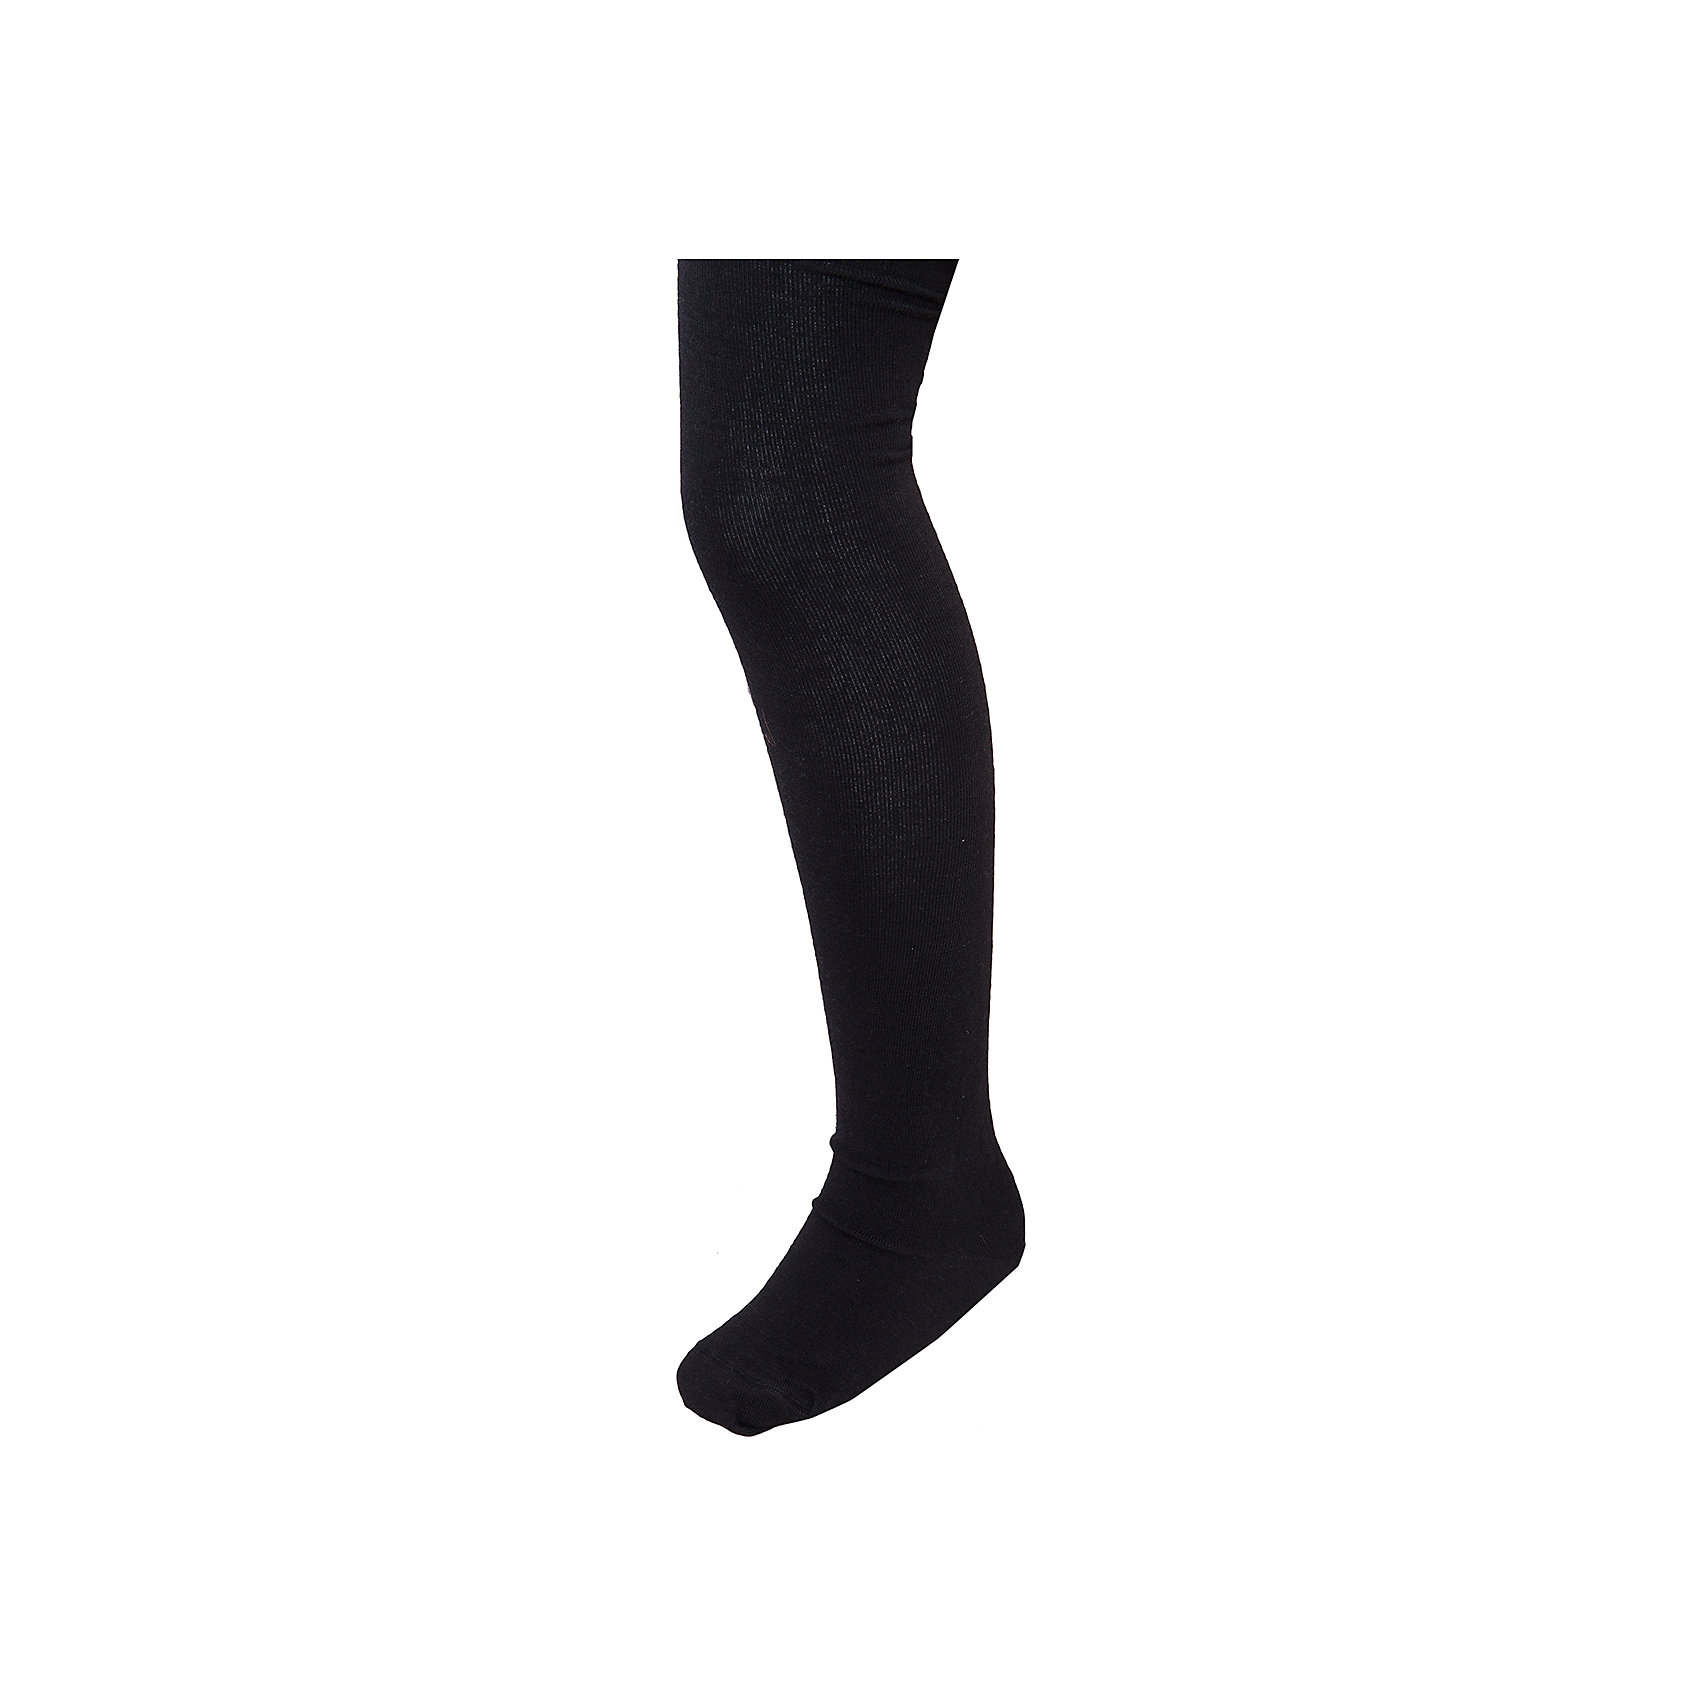 Колготки NorvegКолготки от известного бренда Norveg<br><br>Термоколготки Norveg Multifunctional от немецкой компании Norveg (Норвег) - это удобная и красивая одежда, которая обеспечит комфортную терморегуляцию тела и на улице, и в помещении. <br>Они сделаны из шерсти мериноса (австралийской тонкорунной овцы), которая обладает гипоаллергенными свойствами, поэтому не вызывает раздражения, даже если надета на голое тело. Добавление <br>волокна с антибактериальной обработкой Polycolon помогает выводить влагу от тела. Также поликолон мешает загрязнению и повышает износоустойчивость. <br><br>Отличительные особенности модели:<br><br>- цвет: черный;<br>- швы плоские, не натирают и не мешают движению;<br>- анатомические резинки;<br>- материал впитывает влагу и сразу выводит наружу;<br>- анатомический крой;<br>- подходит и мальчикам, и девочкам;<br>- не мешает под одеждой.<br><br>Дополнительная информация:<br><br>- Температурный режим: от - 20° С  до +10° С.<br><br>- Состав:   60% шерсть мериносов, 40% поликолон<br><br>Колготки Norveg (Норвег) можно купить в нашем магазине.<br><br>Ширина мм: 123<br>Глубина мм: 10<br>Высота мм: 149<br>Вес г: 209<br>Цвет: черный<br>Возраст от месяцев: 132<br>Возраст до месяцев: 144<br>Пол: Унисекс<br>Возраст: Детский<br>Размер: 140,152,164<br>SKU: 4224652